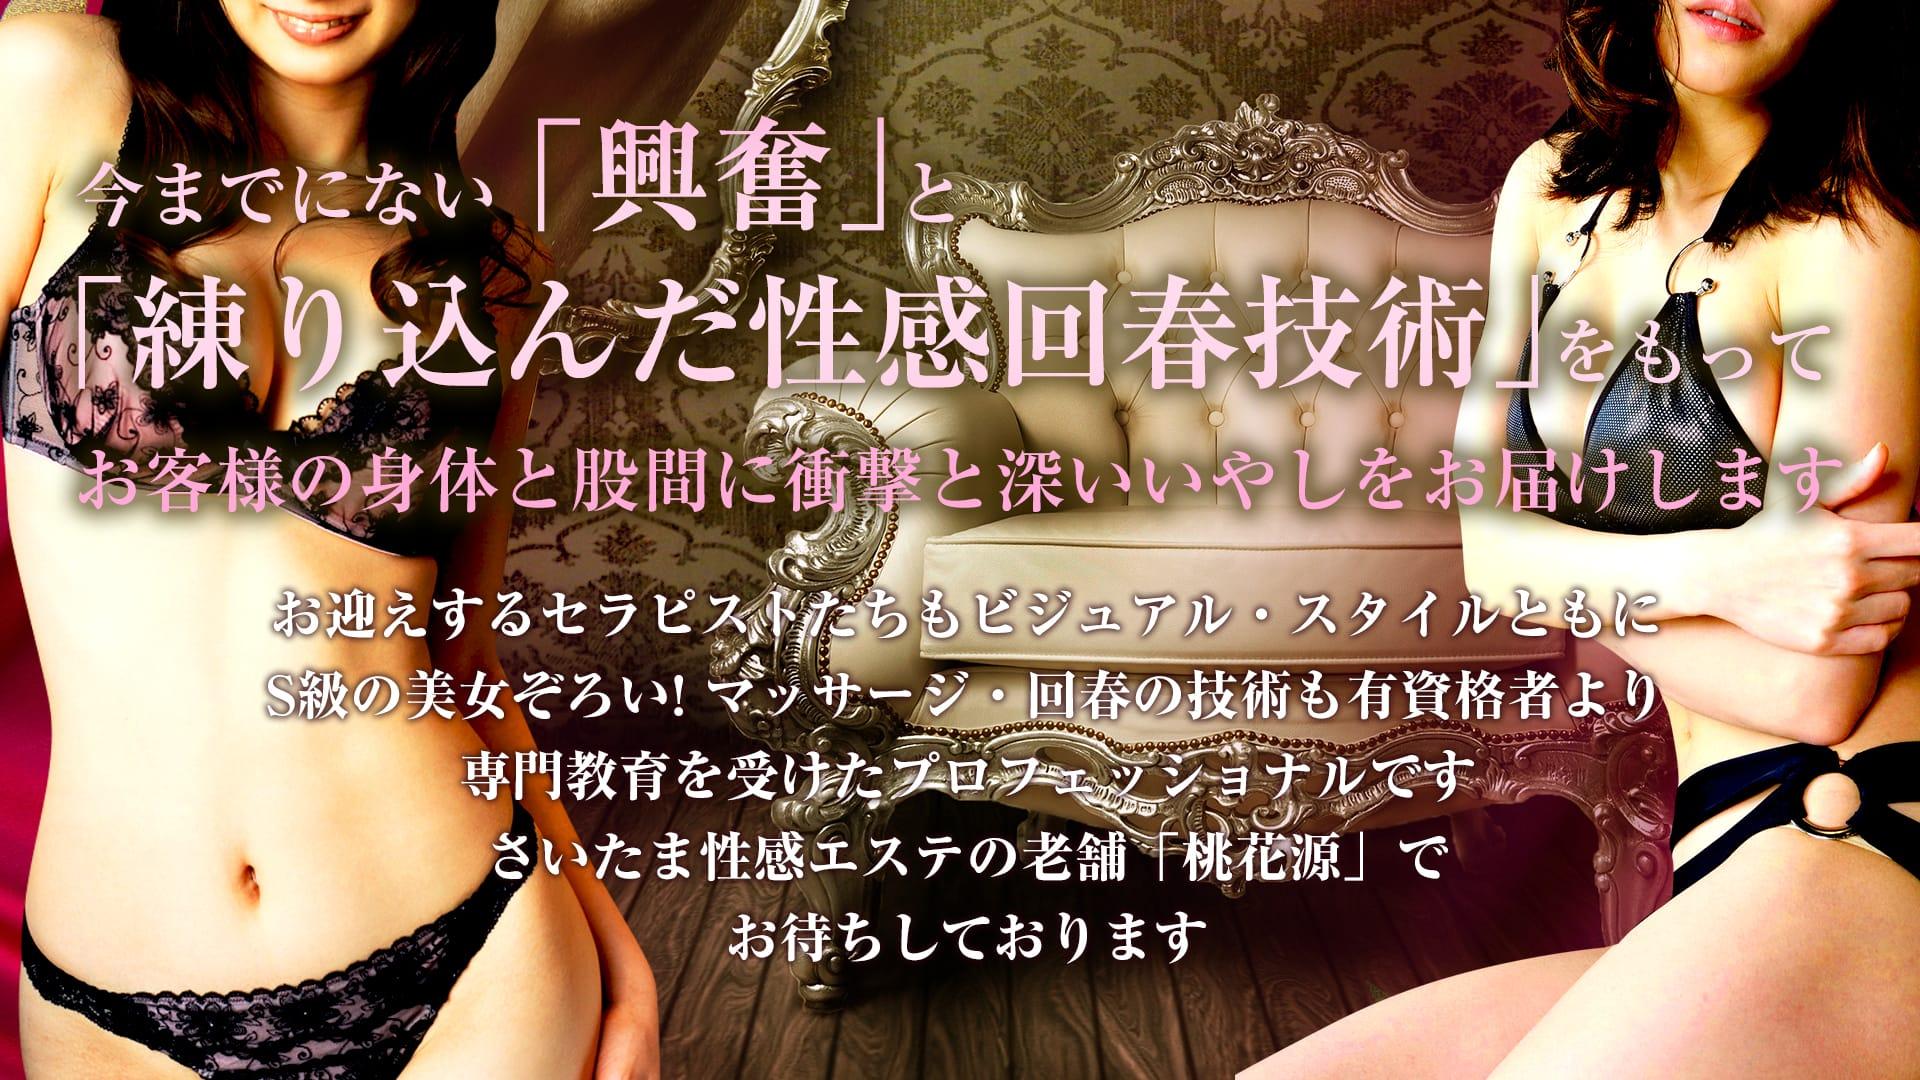 埼玉性感エステ倶楽部桃花源